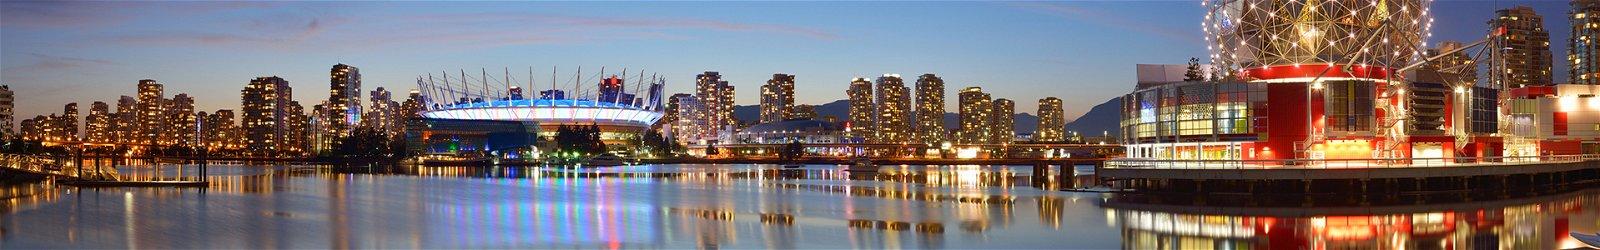 Viajes premium y experiencias en Canadá desde México 2021